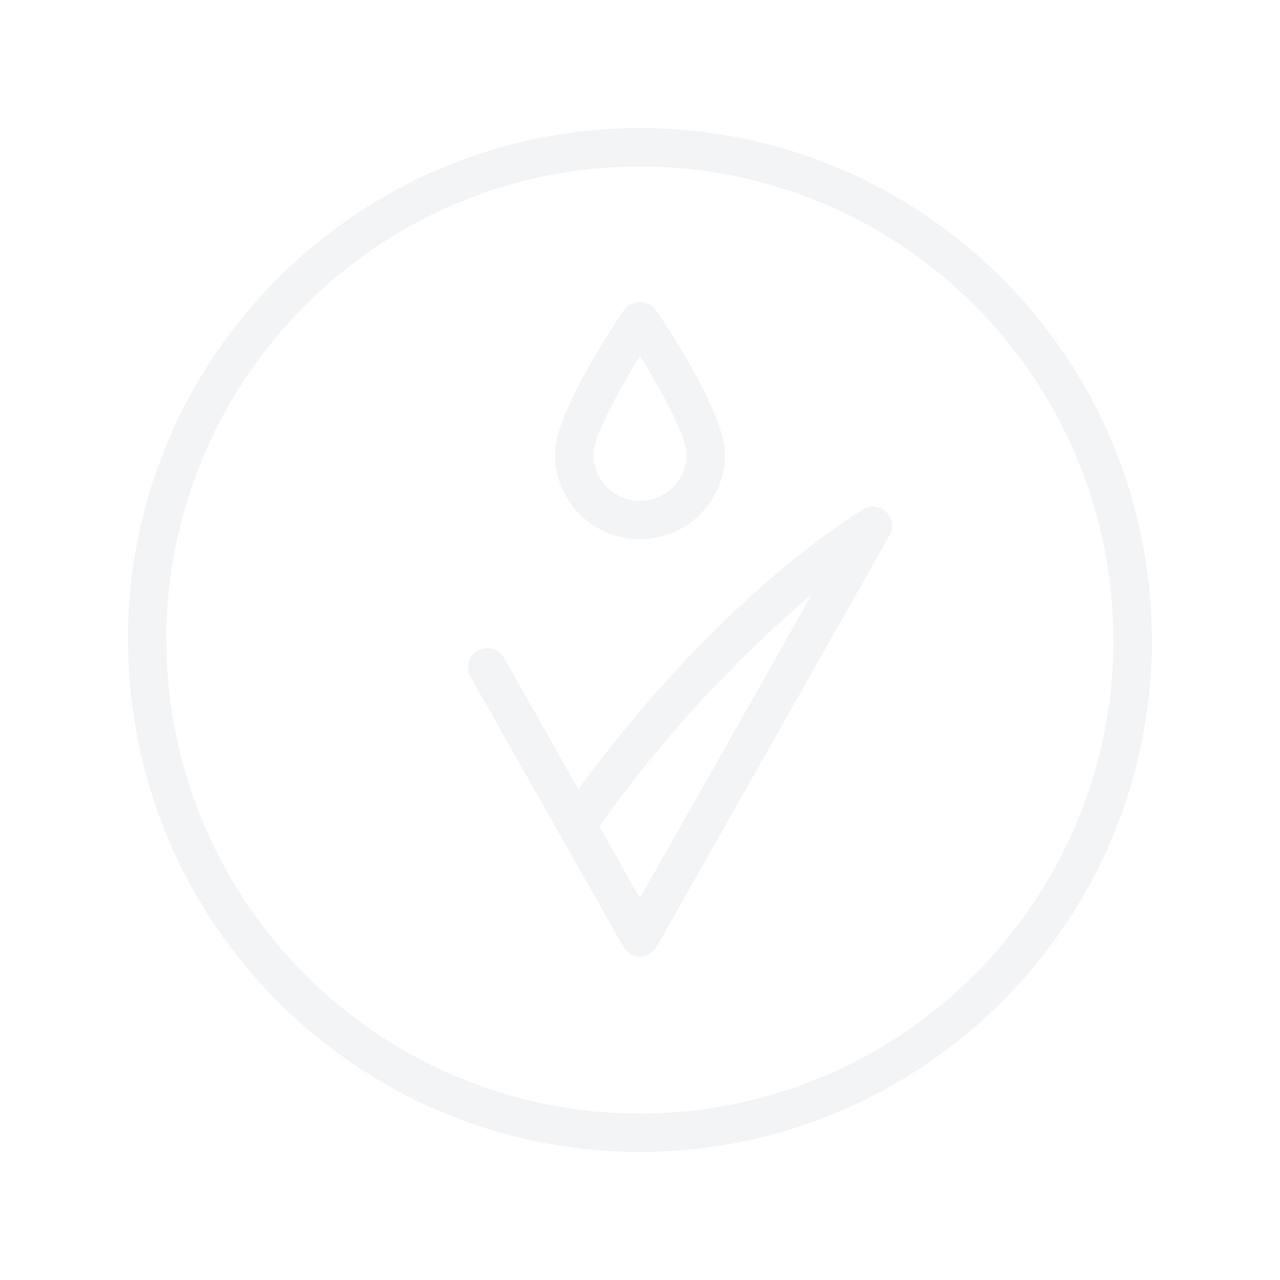 L'Oreal True Match Powder No.4.N Beige 9g